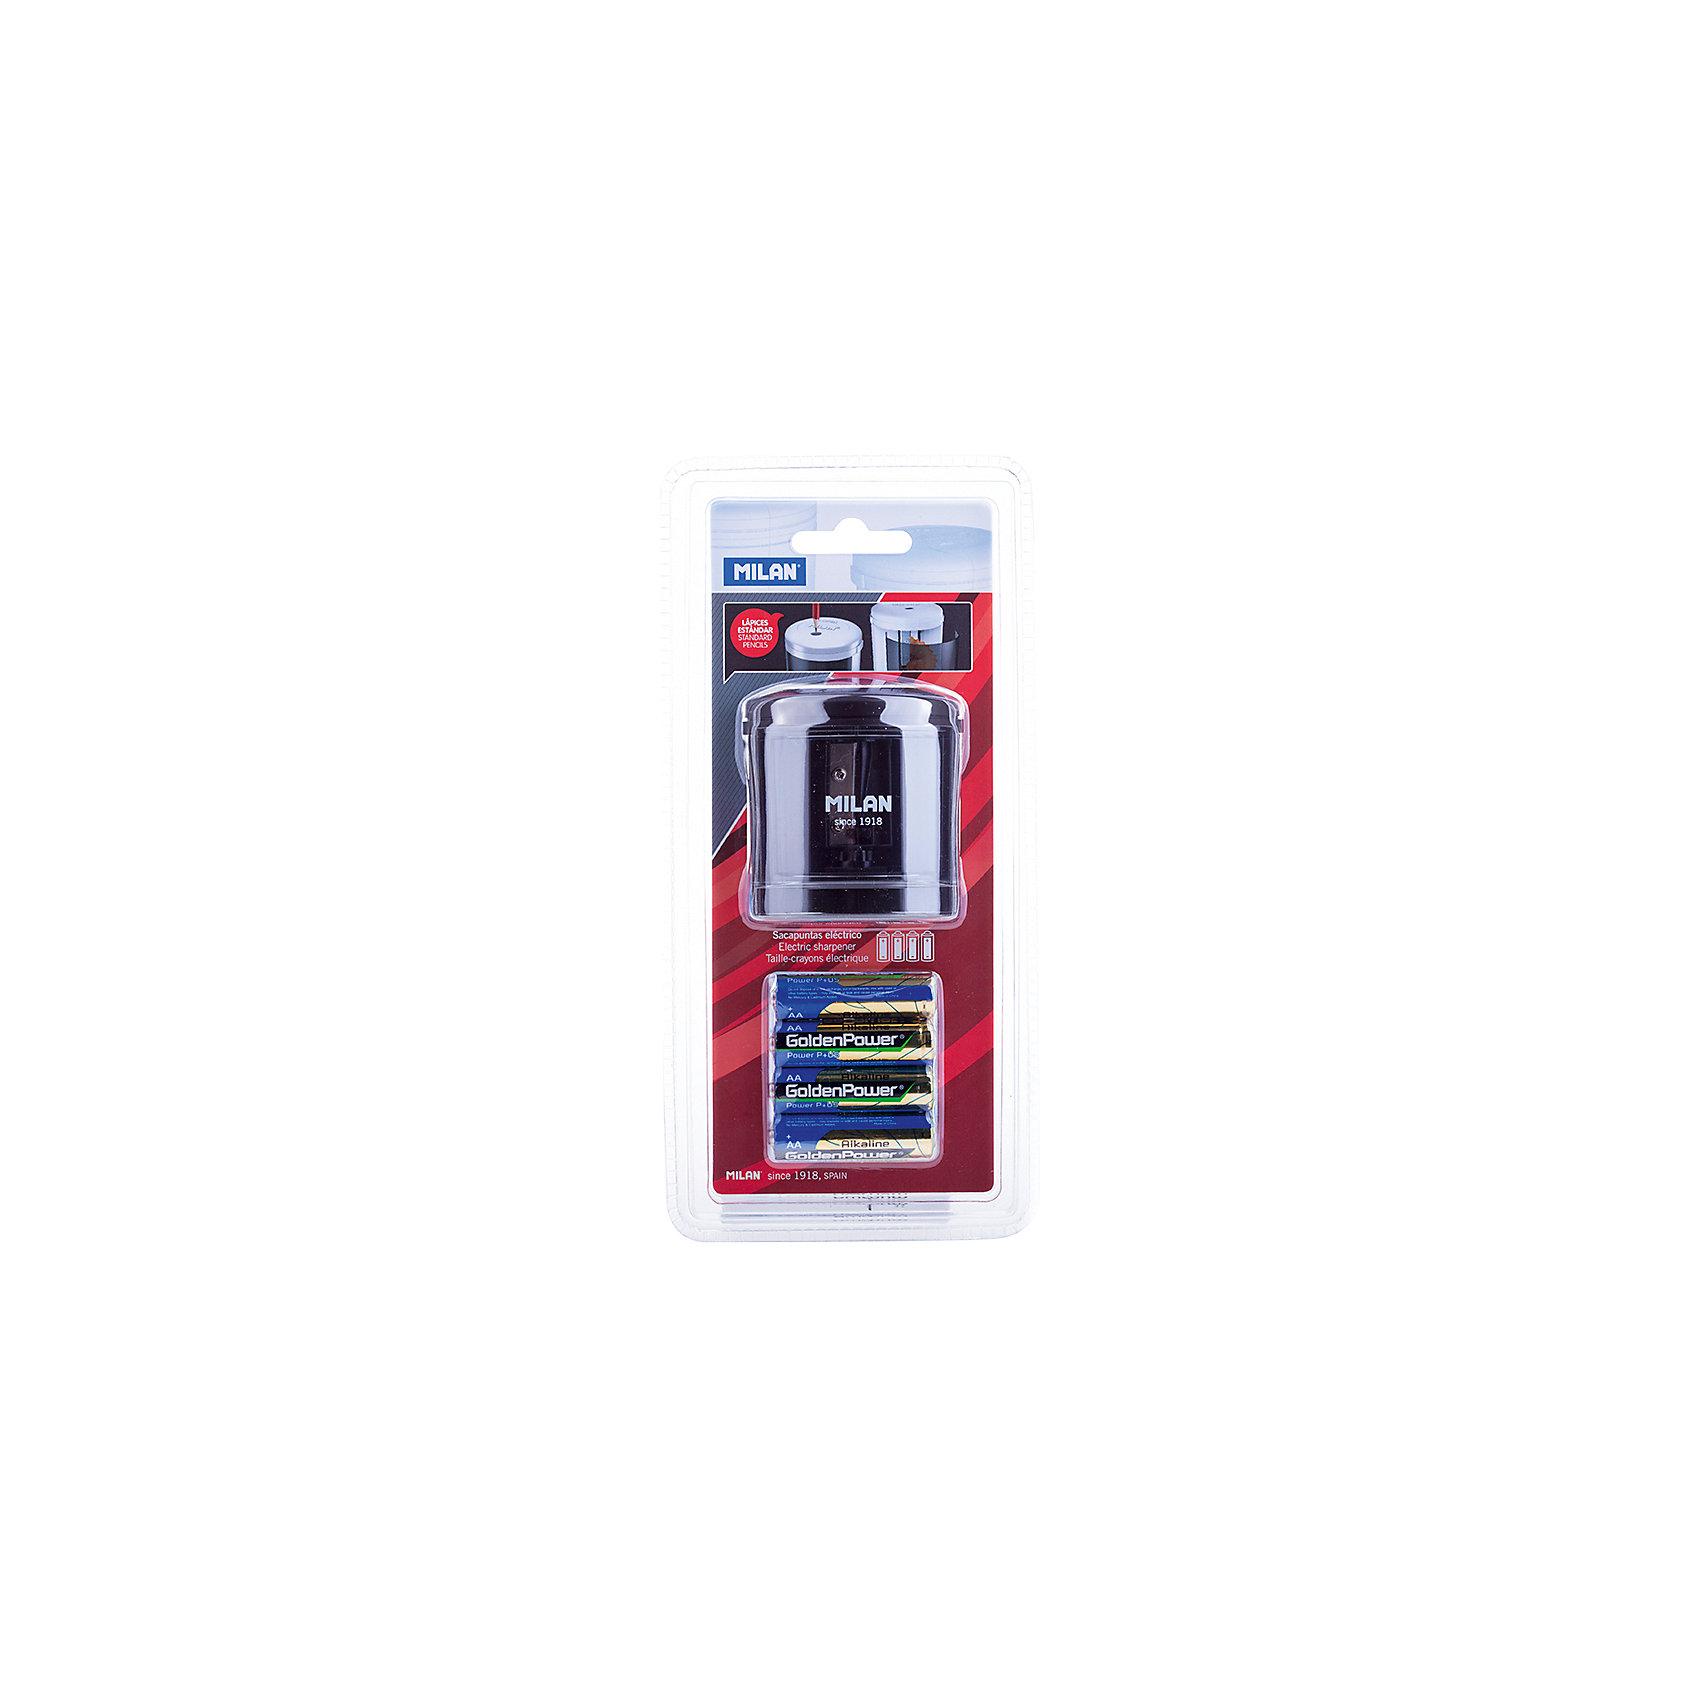 Точилка электрическая Power Sharp Milan, 1 отверстие, цвет в ассортиментеПисьменные принадлежности<br>Кол-во отверстий для заточки: 1 <br>Размер: 67*66*66<br>Материал корпуса: пластик<br>Питание: 4 батарейки АА<br>Комплектация элементами питания: да<br>Контейнер для стружки: есть<br>Цвет корпуса: ассорти<br>Диаметр отверстия: 8<br>Упаковка ед. товара: блистер<br>Наличие штрихкода на ед. товара: есть<br>Модель отличается лаконичным стилем и сделана<br>по новейшим технологиям с учетом последних<br>тенденций в области дизайна в экспериментальной<br>лаборатории MILAN. Конструкция лезвия точилки<br>абсолютно безопасна, в создании точилок<br>использованы только качественные материалы.<br>Модель Powersharp идеальна для школы и офиса.<br>Модель работает на батарейке 1,5 V.<br>Страна-производитель: Испания<br>Страна-производитель: Тайвань<br>Металлические точилки клиновидной формы. Безупречная работа с<br>любой текстурой древесины.<br>Качественная<br><br>Ширина мм: 240<br>Глубина мм: 110<br>Высота мм: 80<br>Вес г: 289<br>Возраст от месяцев: 84<br>Возраст до месяцев: 2147483647<br>Пол: Унисекс<br>Возраст: Детский<br>SKU: 7044158